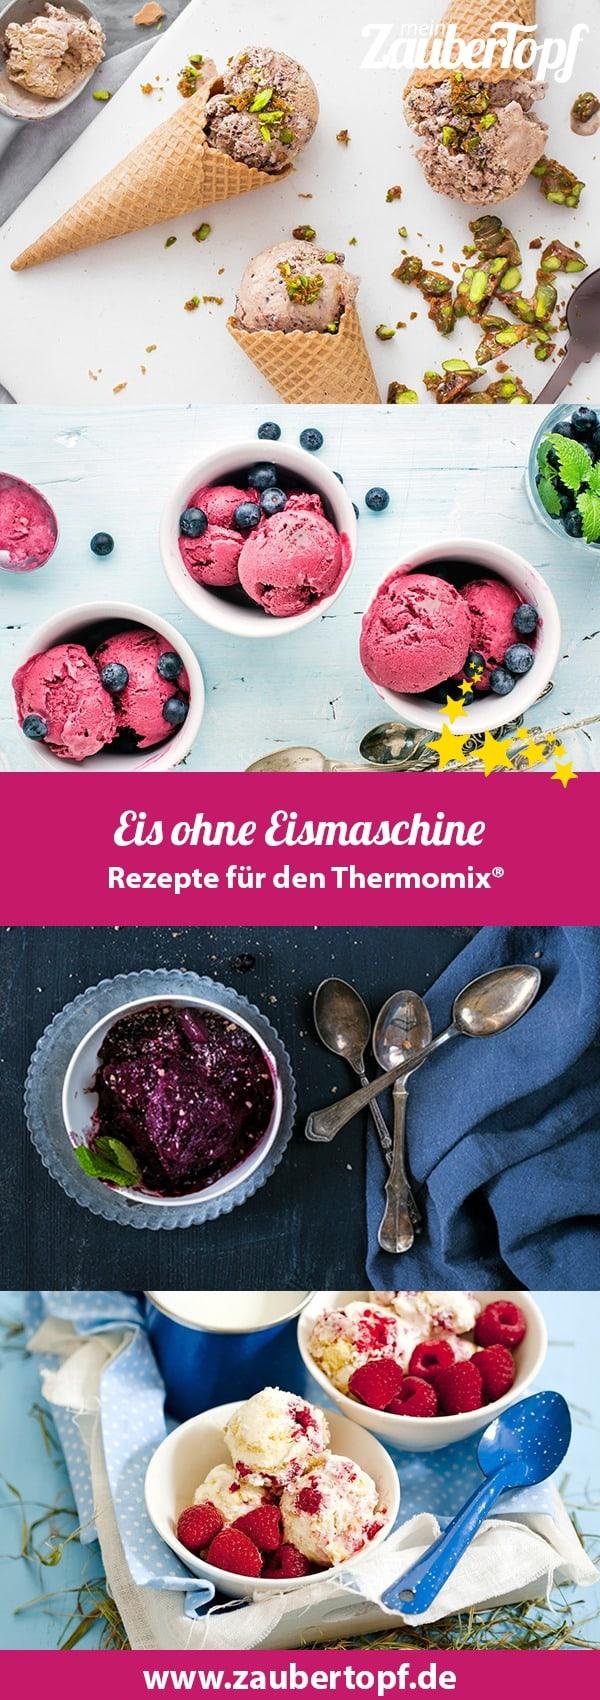 Eis ohne Eismaschine - Fotos: Tina Bumann, Ira Leoni, Frauke Antholz, Getty Images